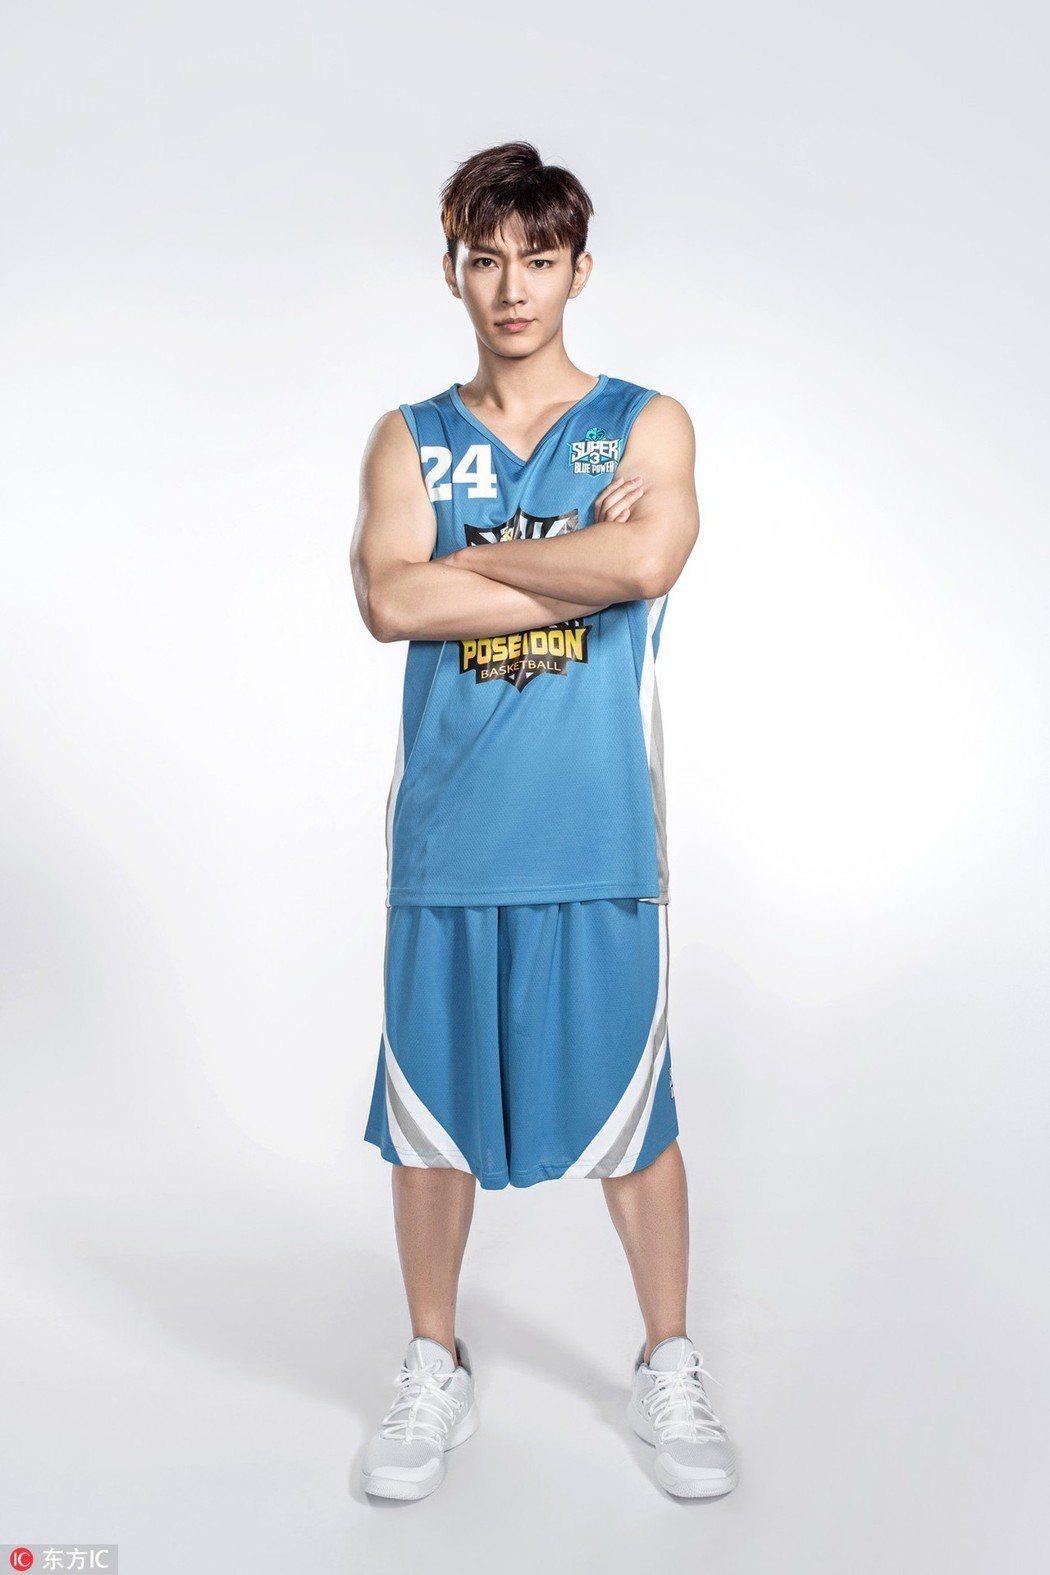 炎亞綸應邀參與超級企鵝盃籃球名人賽。圖/騰訊提供